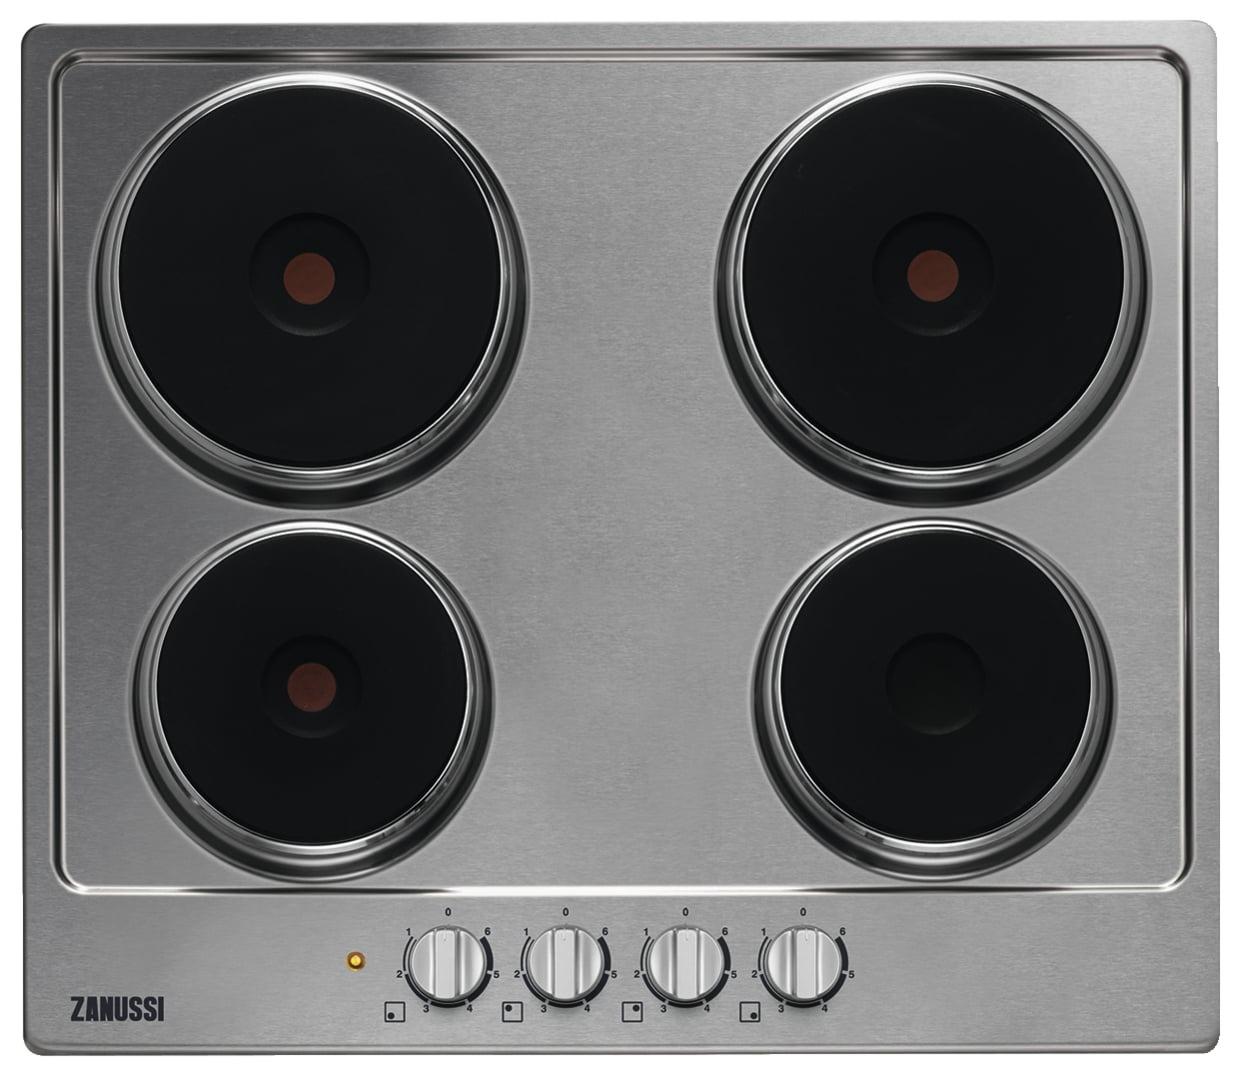 Zanussi ZEE6942FXS Elektrische kookplaten Roestvrijstaal